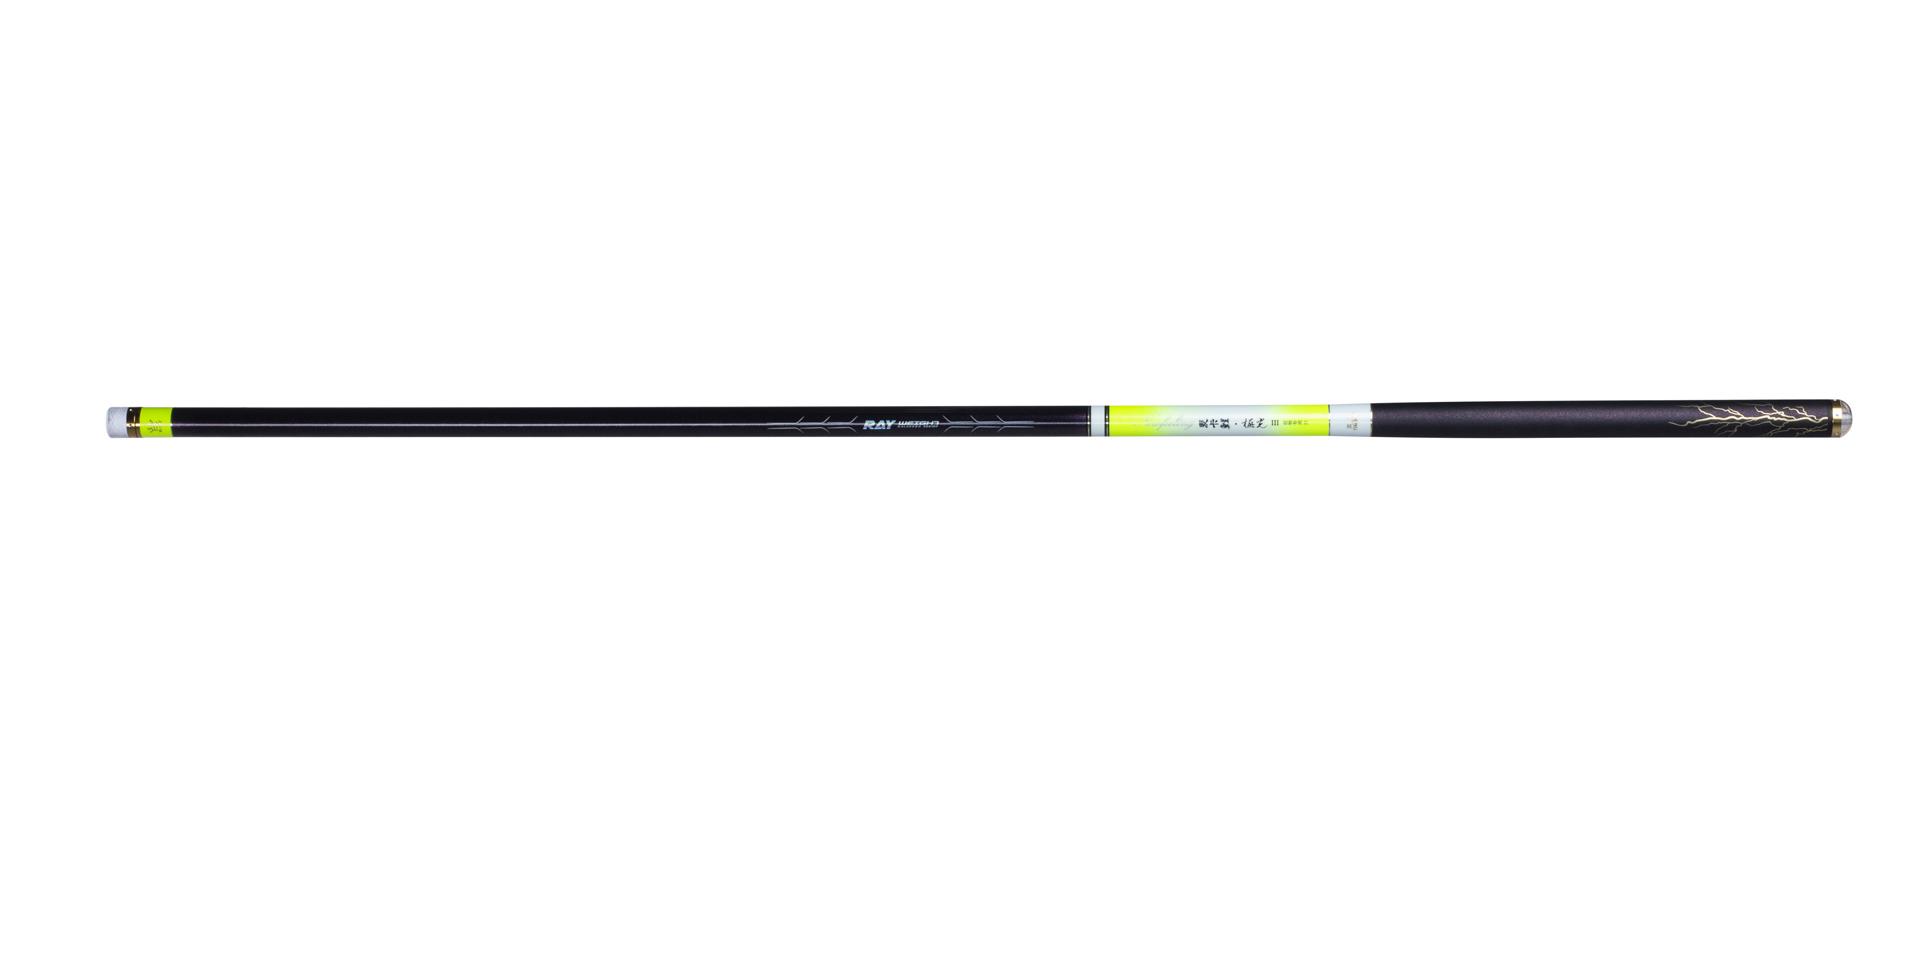 英大钓具亚洲限量发行YINGDA・RAY・系列新品――麦卡鲤・极光 Ⅲ,高强度品质型动力平衡巨物竿。